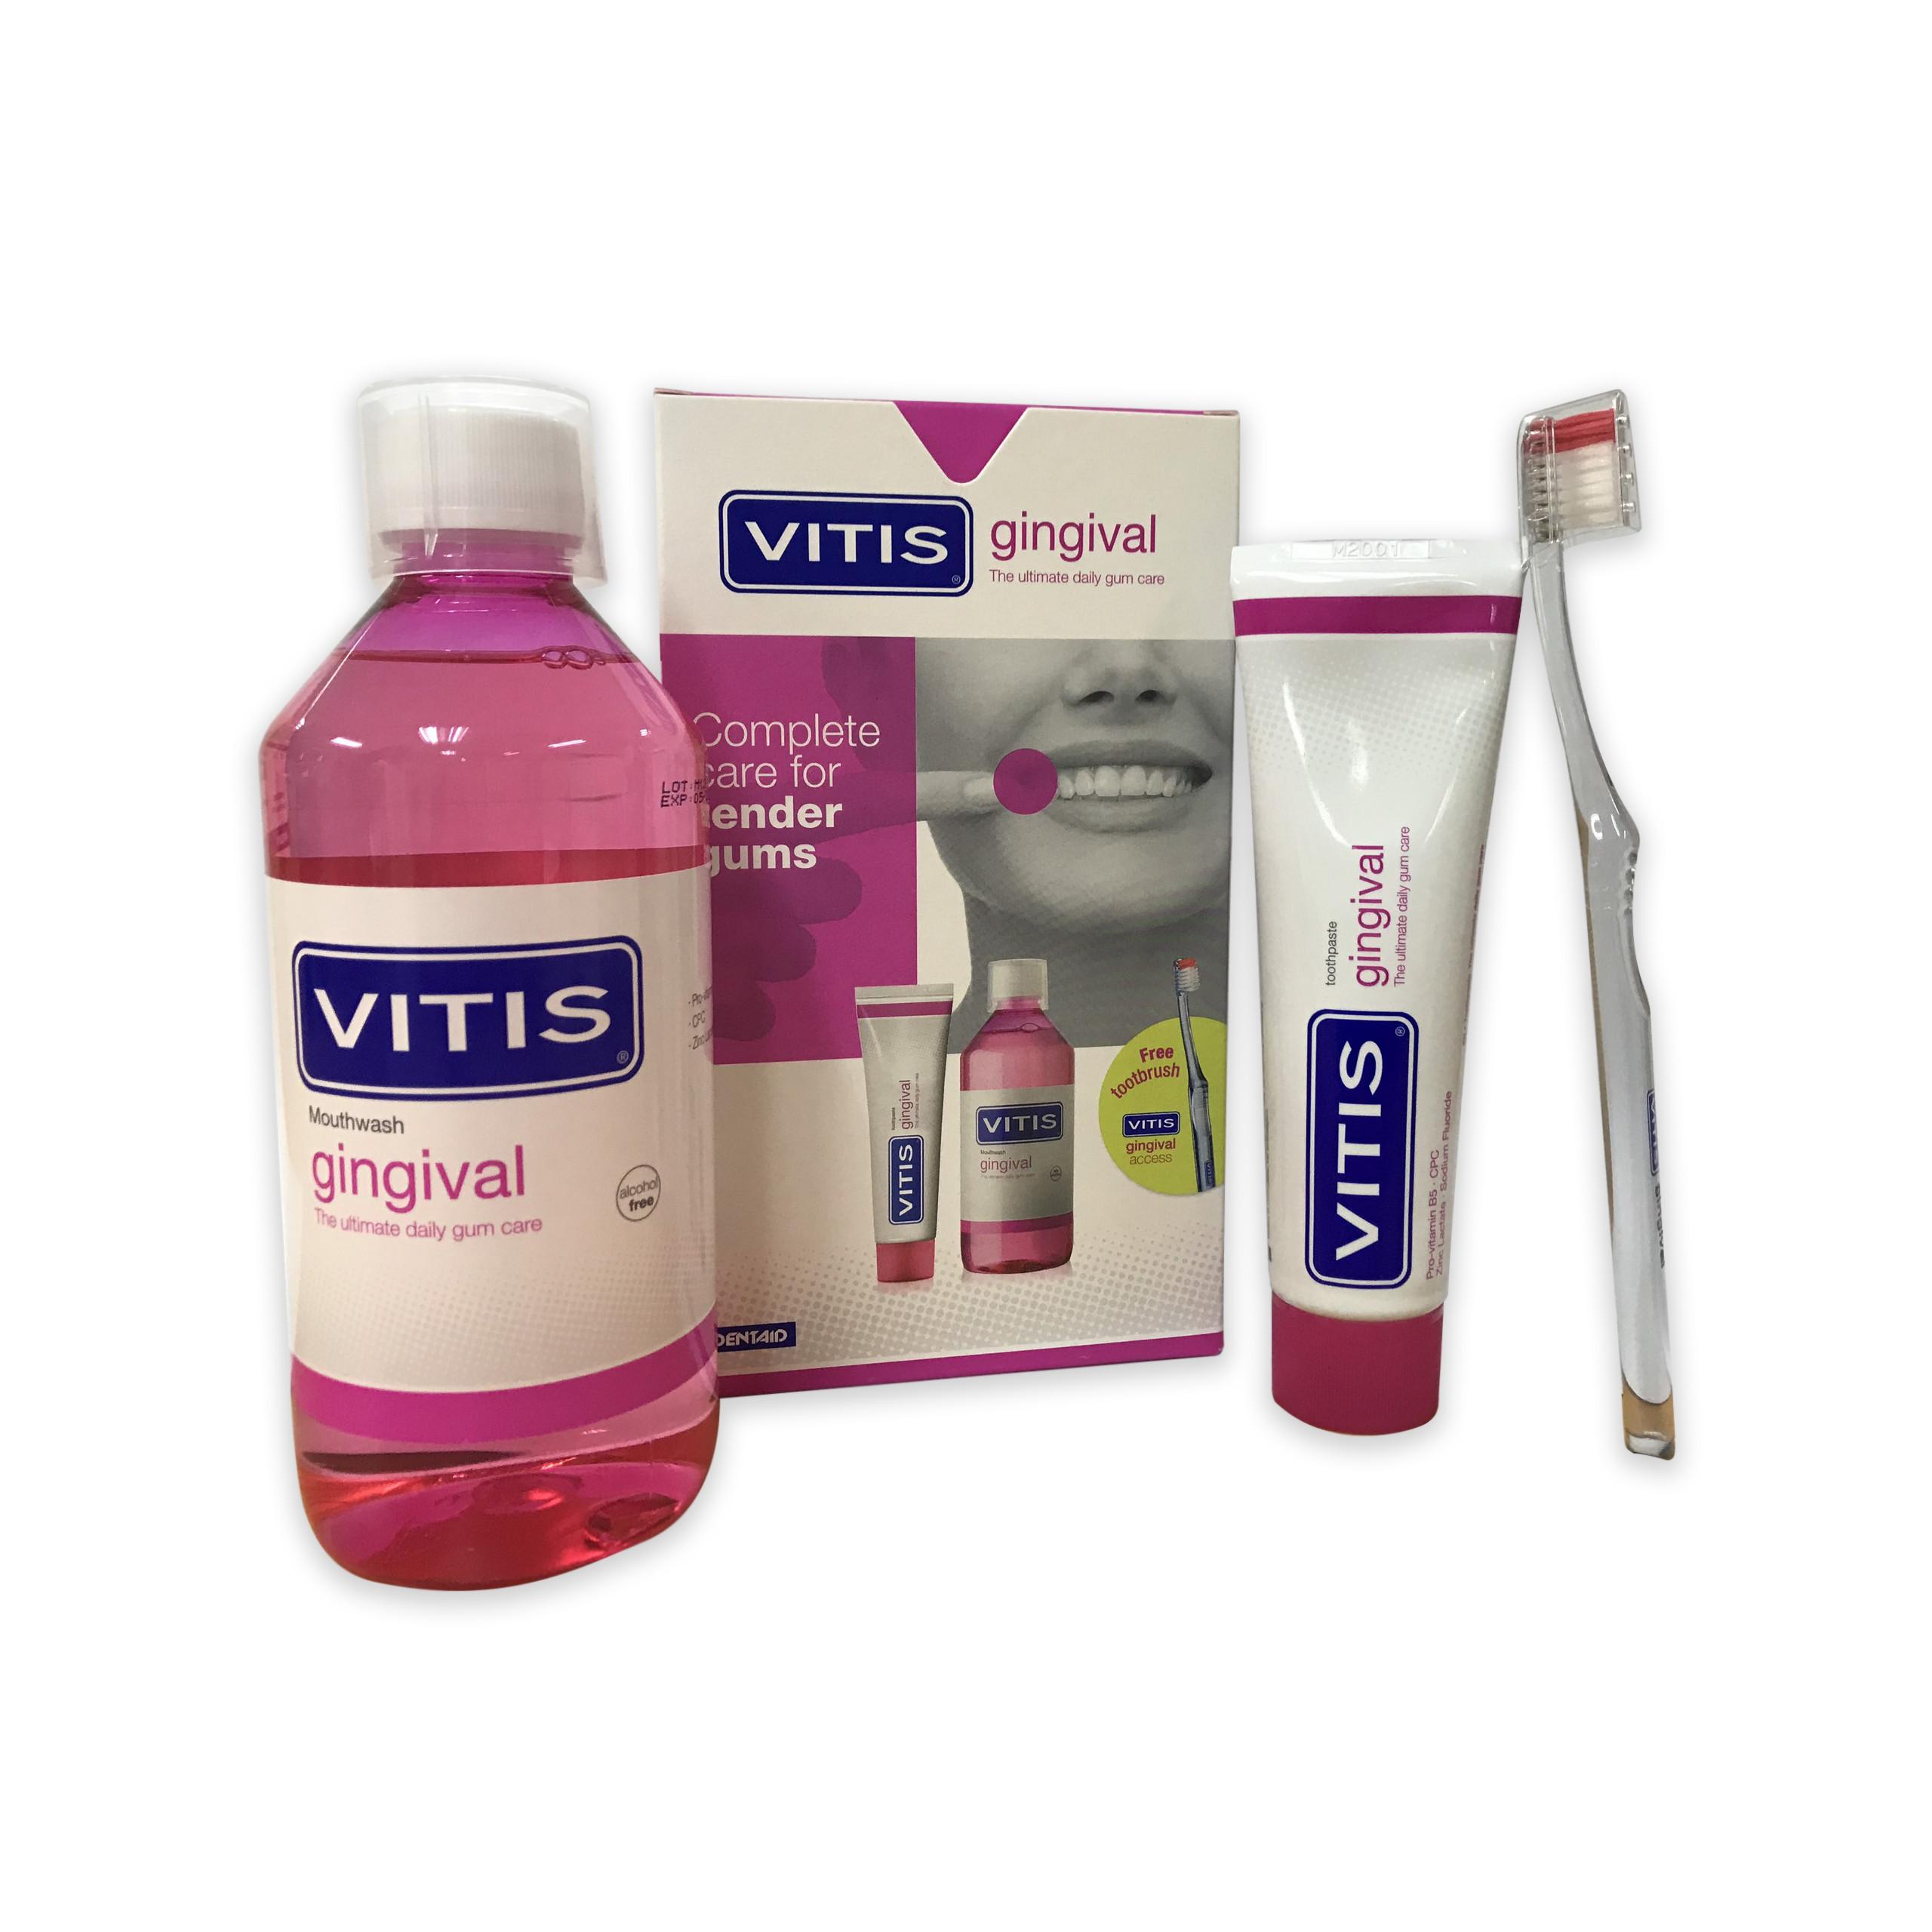 Bộ sản phẩm chăm sóc răng miệng dành cho nướu nhạy cảm - Vitis Gingival Mixed Pack